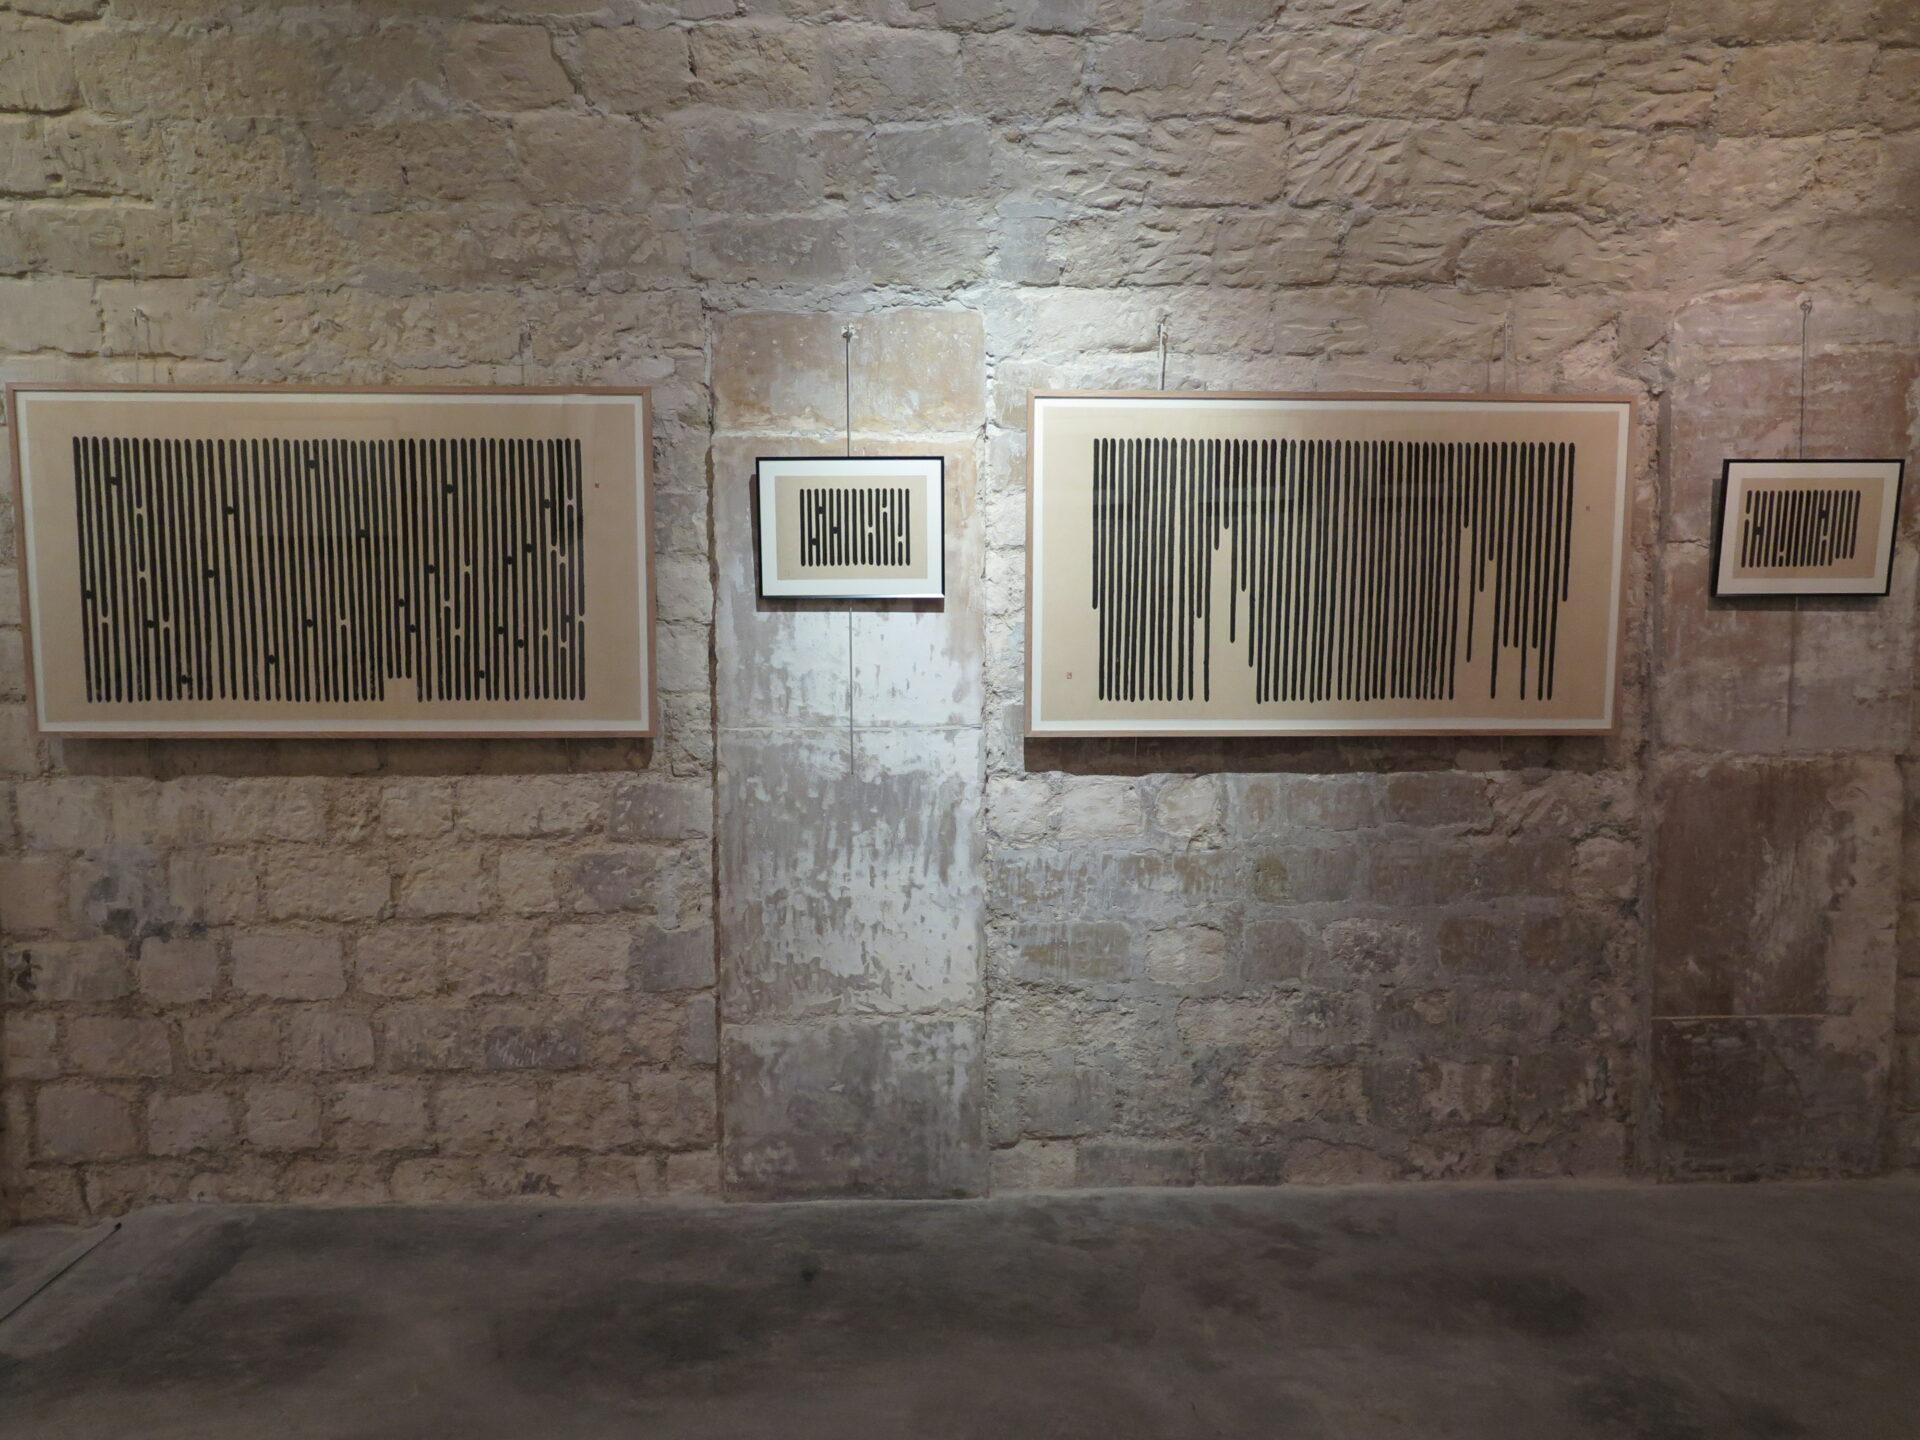 2015 - Galerie Impressions, Paris (75003)